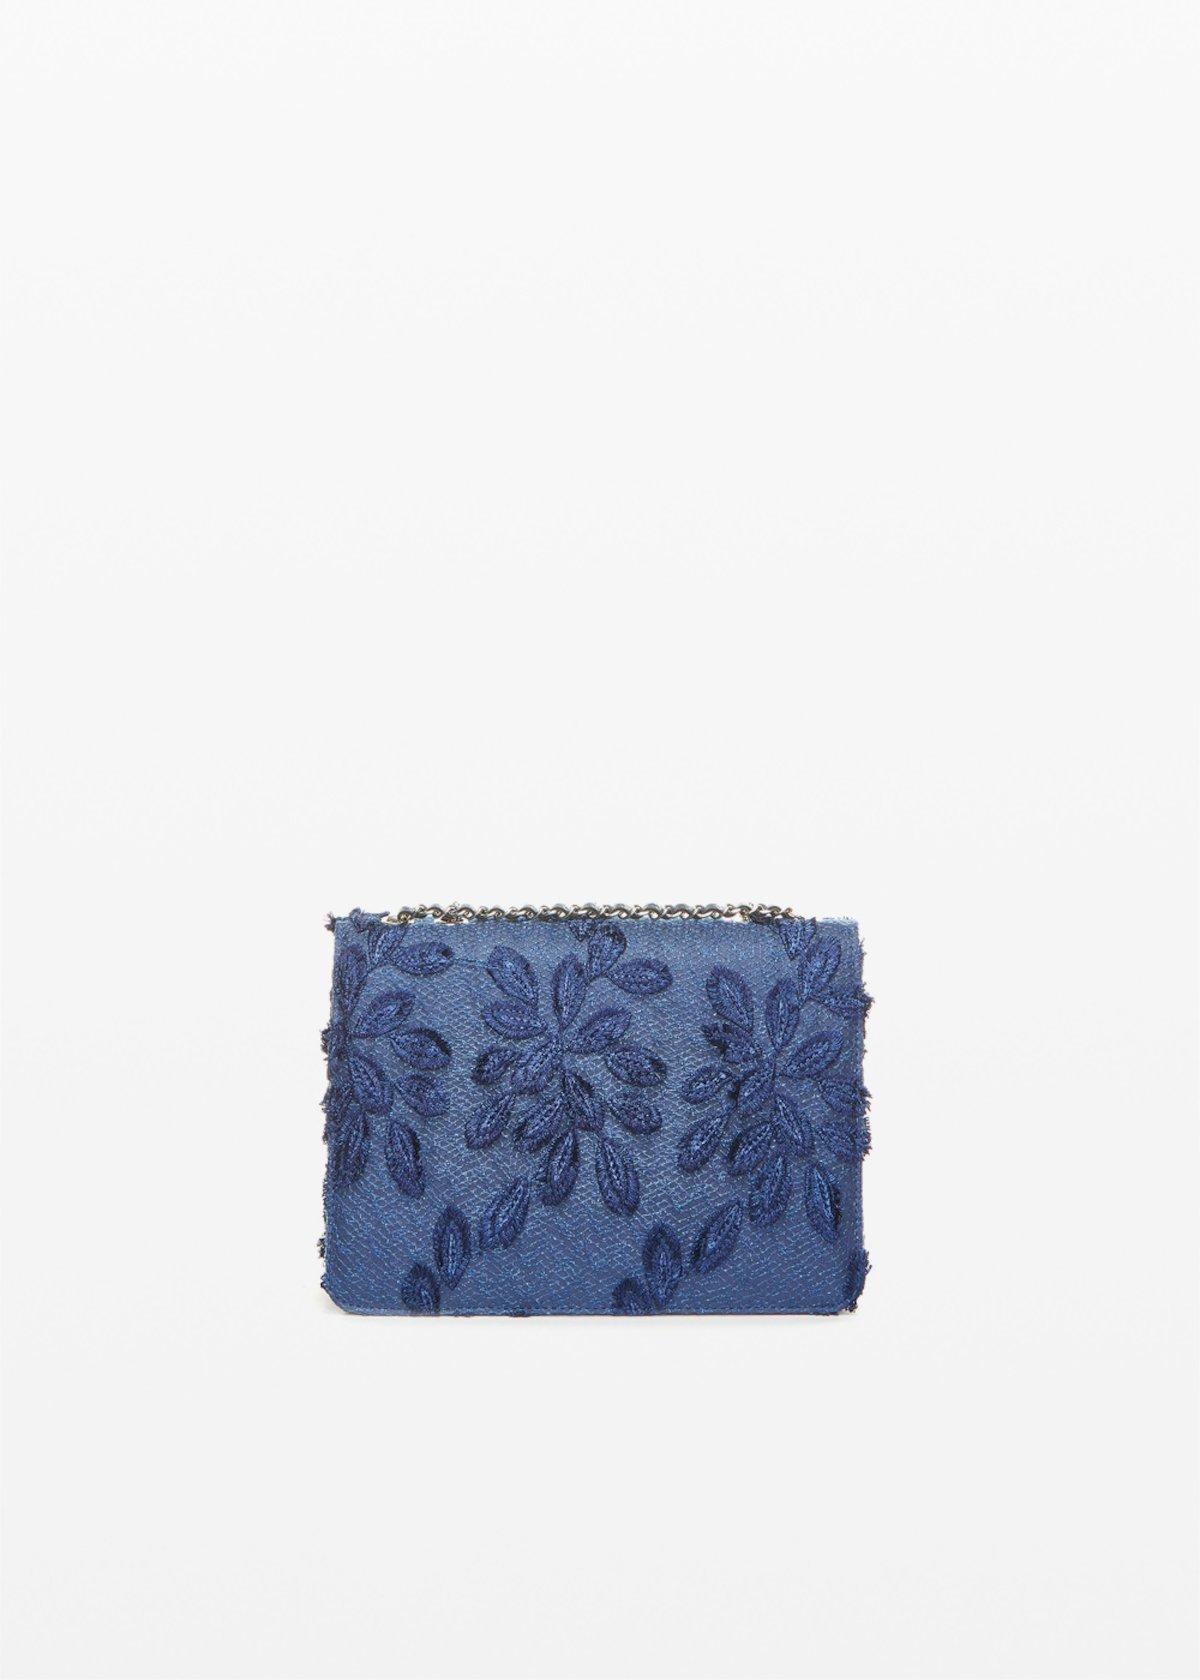 Pochette rigida Fede Leaf con tracolla - Dark Blue - Donna - Immagine categoria